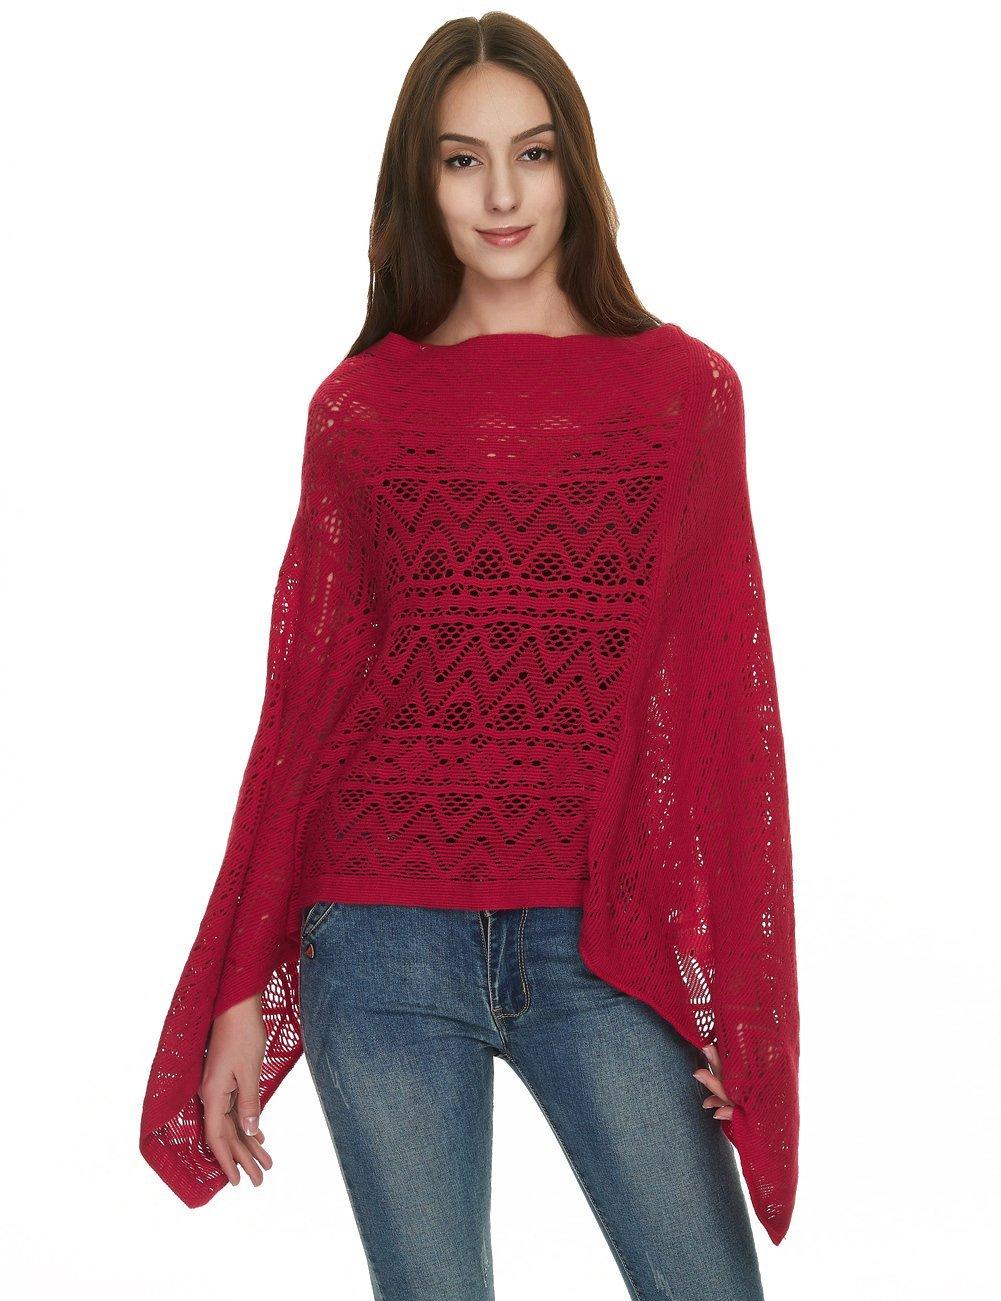 Ferand Women's Asymmetrical Crochet Poncho Tops in Multi-Way Neck Style One Size Beige